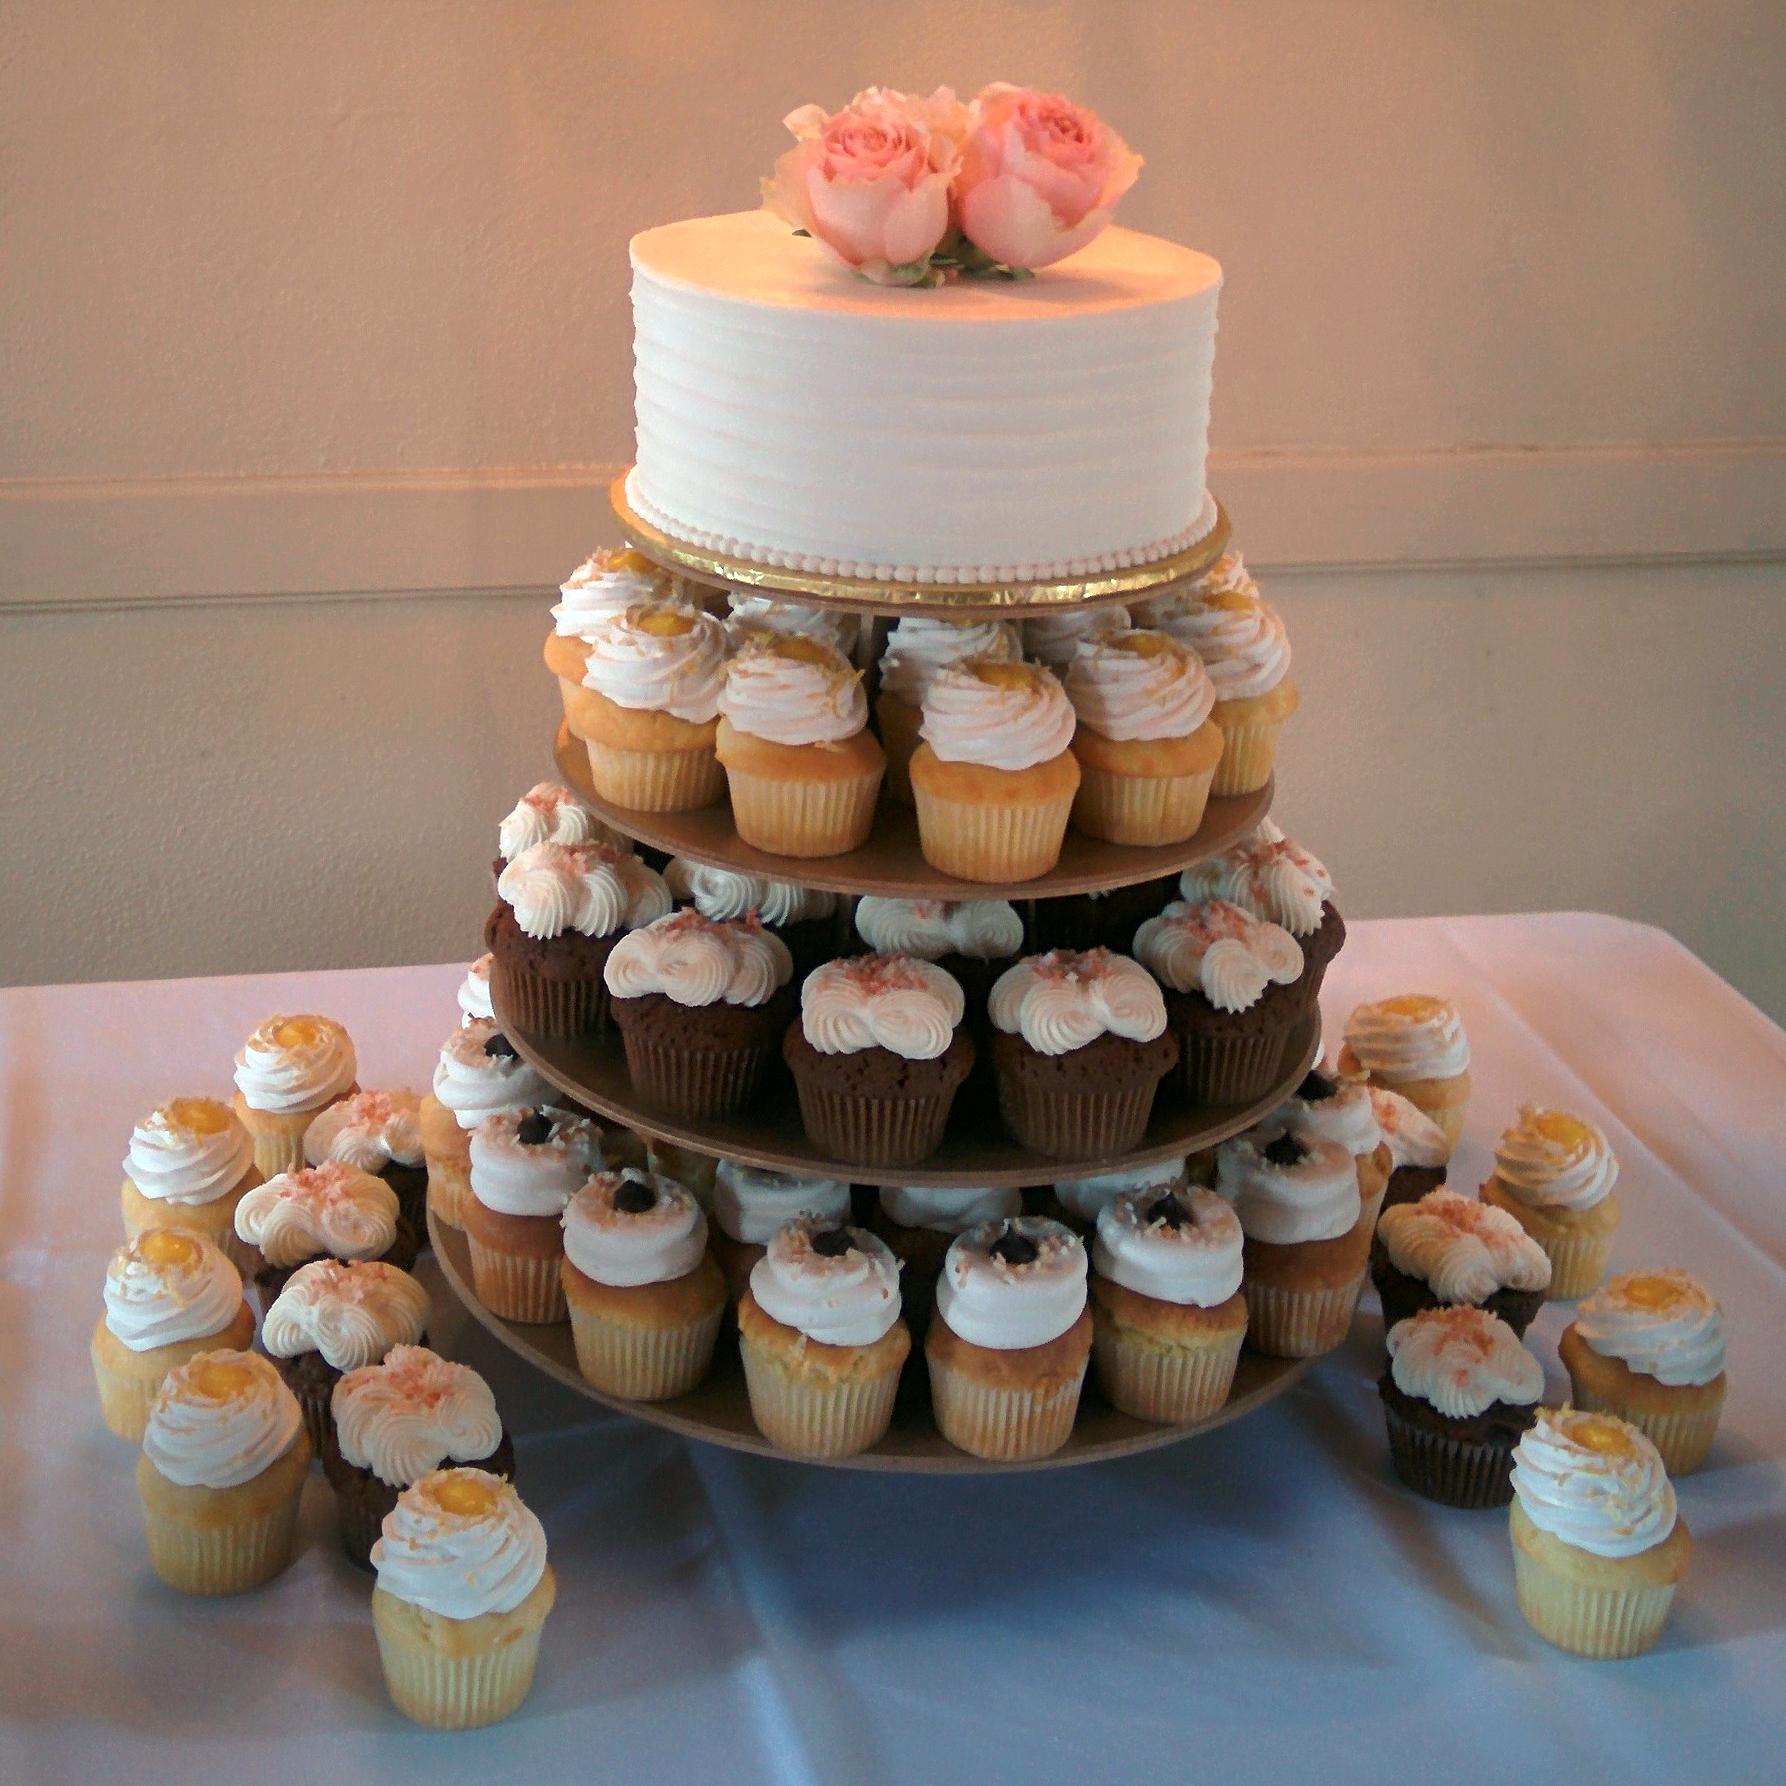 Cake_Cupcake_Wedding_Crop copy.jpg